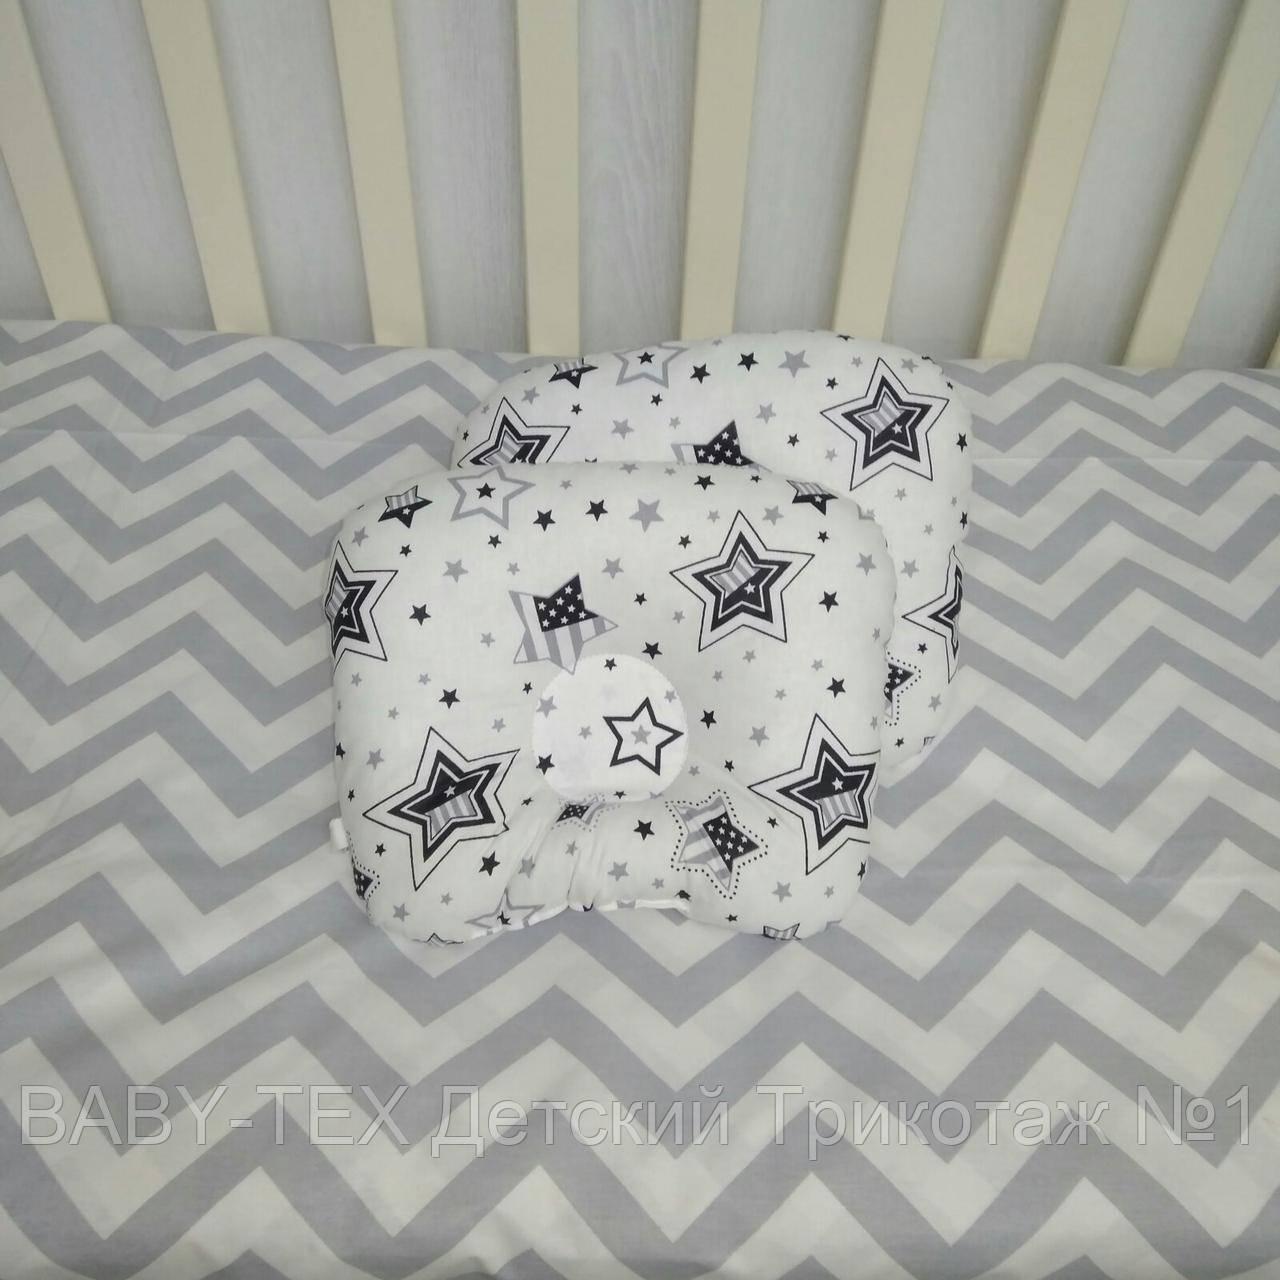 Ортопедическая подушка для младенцев антиалергенная Светло розовая в горошек 22 х 26 см (186)